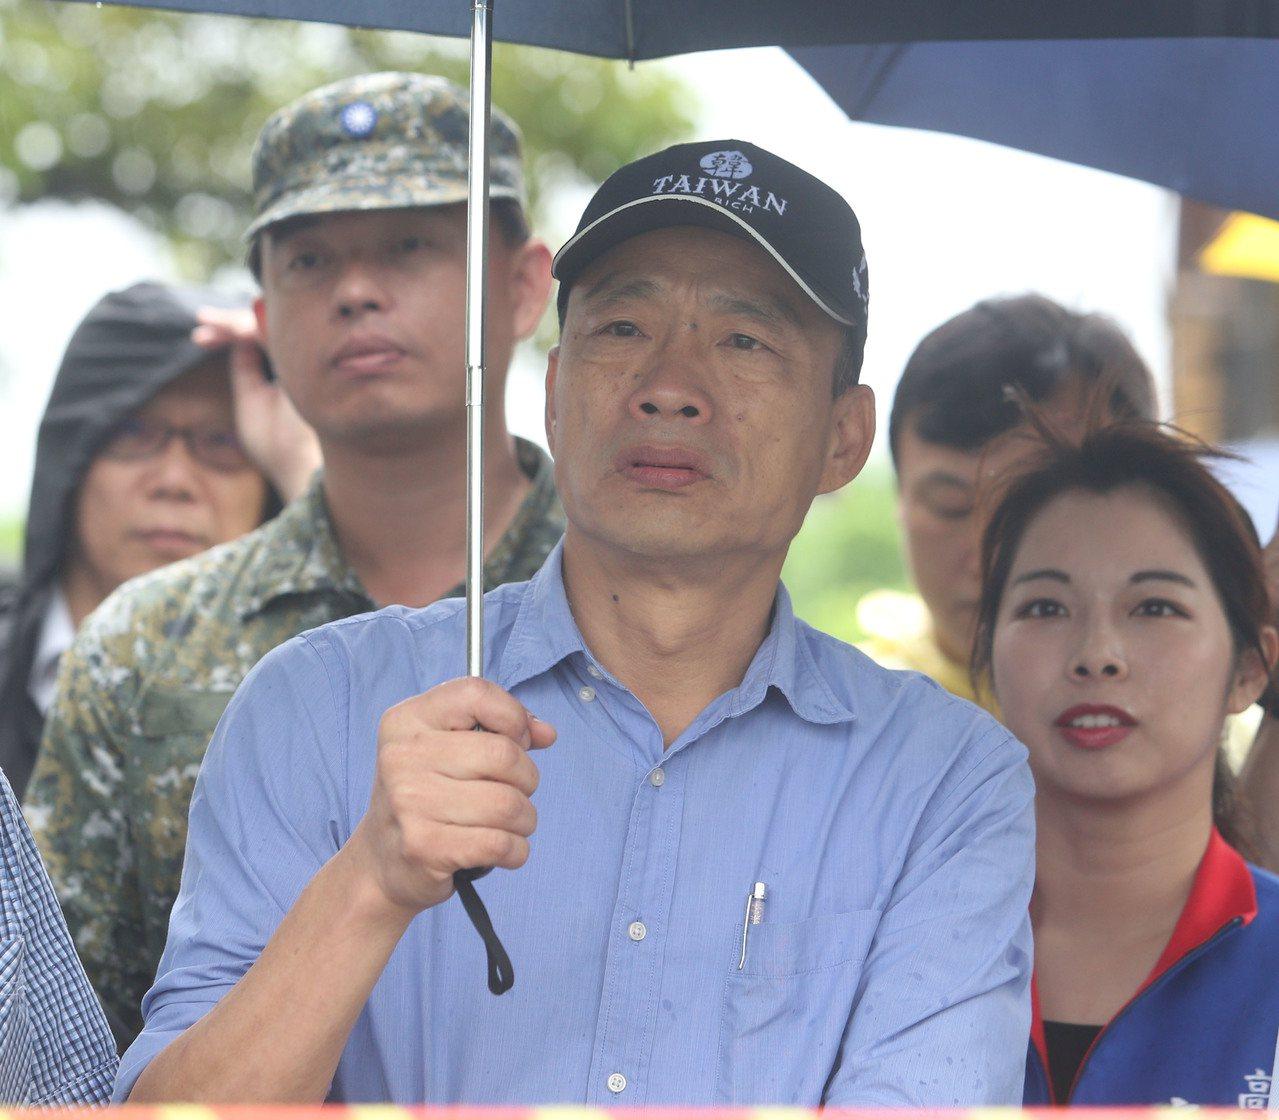 國民黨總統參選人韓國瑜近來頻遭爆料,前立委孫大千在臉書上表示,都是刻意混淆事實、...